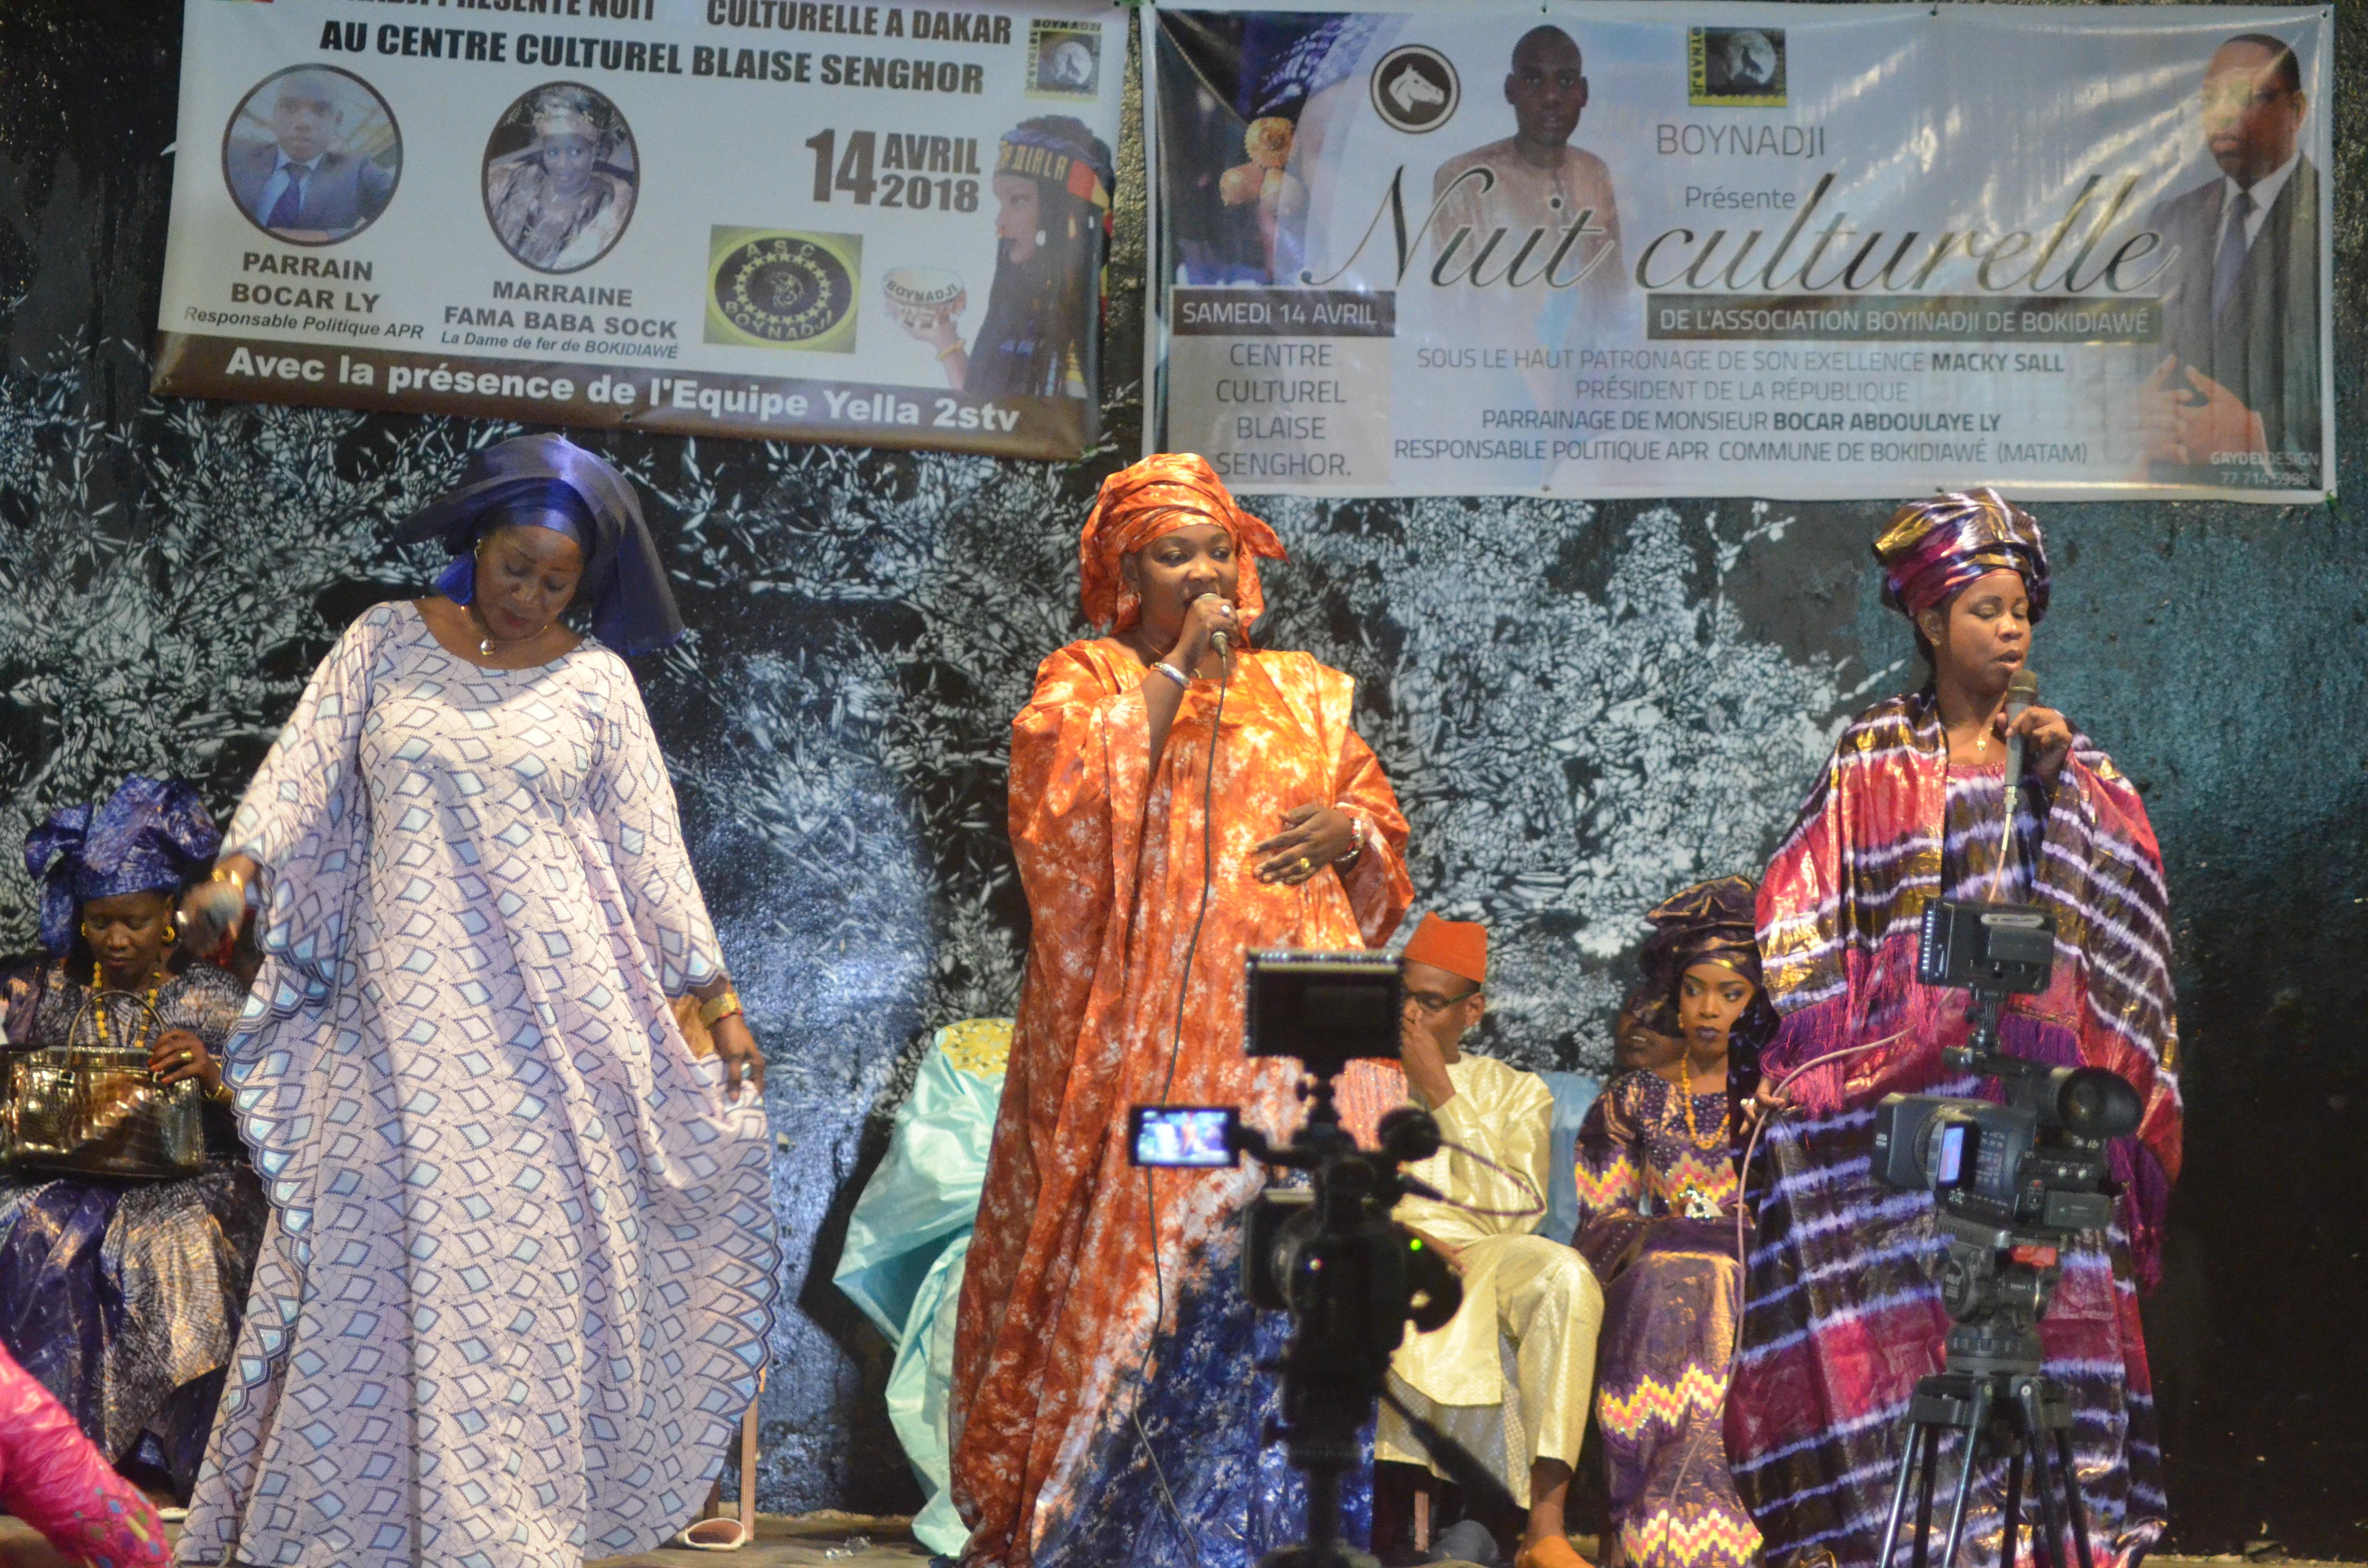 Première Edition soirée culturelle de l'Association Boyinadji Ma fierté de Bokidiawé, le parrain Bocar Abdoulaye Ly appelle à l'union des cœurs (27)